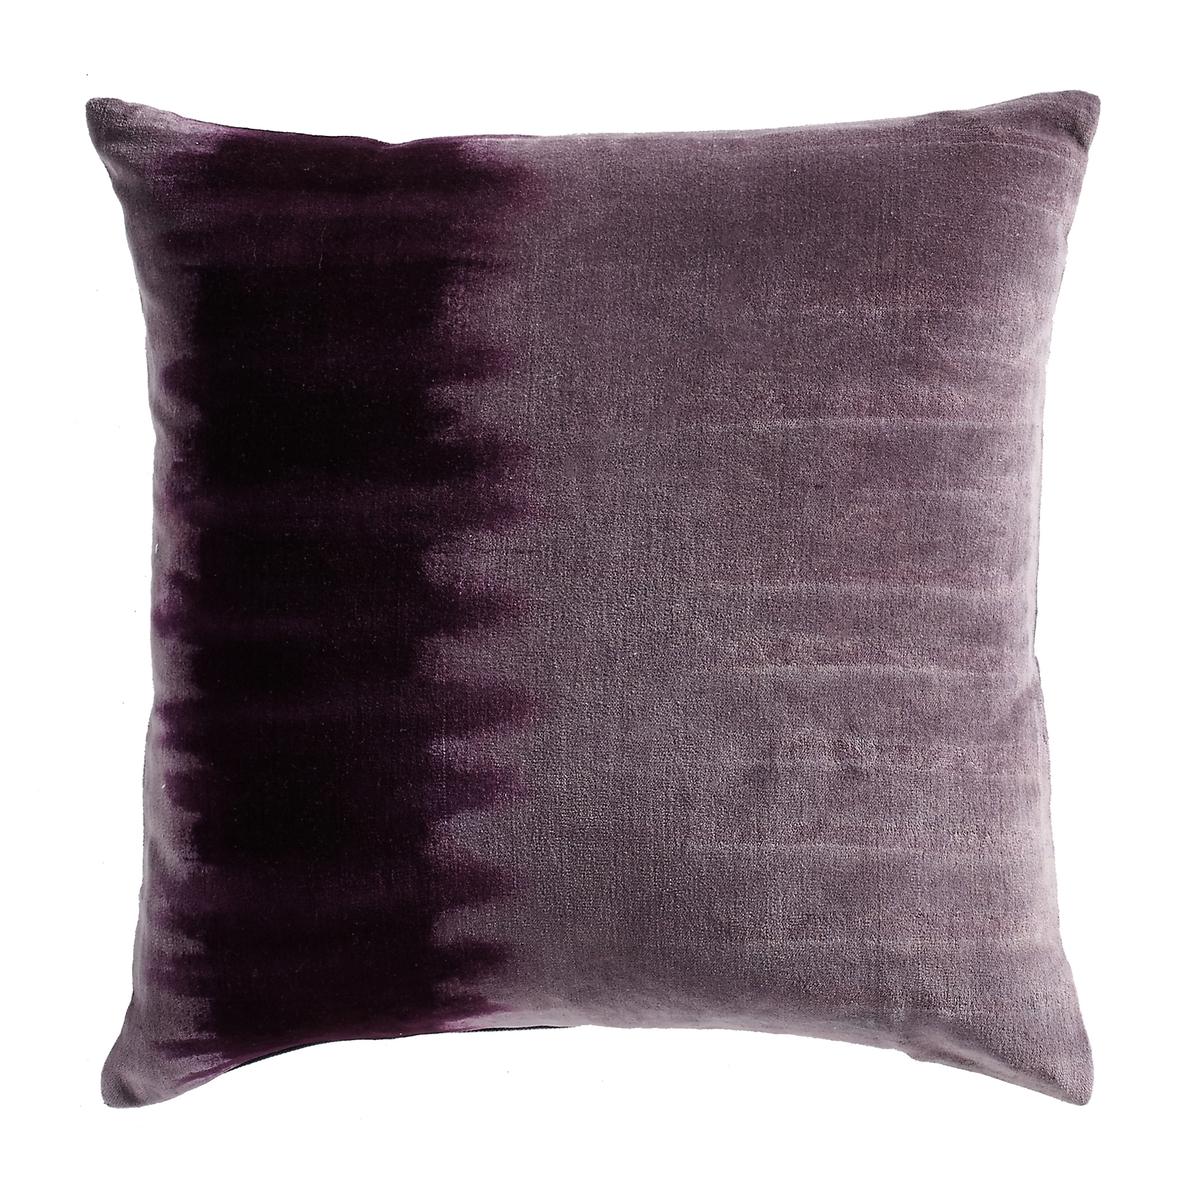 Наволочка на подушку-валик, TIE AND DYE, из велюра, 100% хлопок.Характеристики наволочки на подушку-валик:Материал :  100% хлопок Потайная застежка на молнию в тон. Уход : машинная стирка при 30 °С.Размеры наволочки на подушку-валик:40 x 40 см.<br><br>Цвет: ярко-фиолетовый/ бордовый